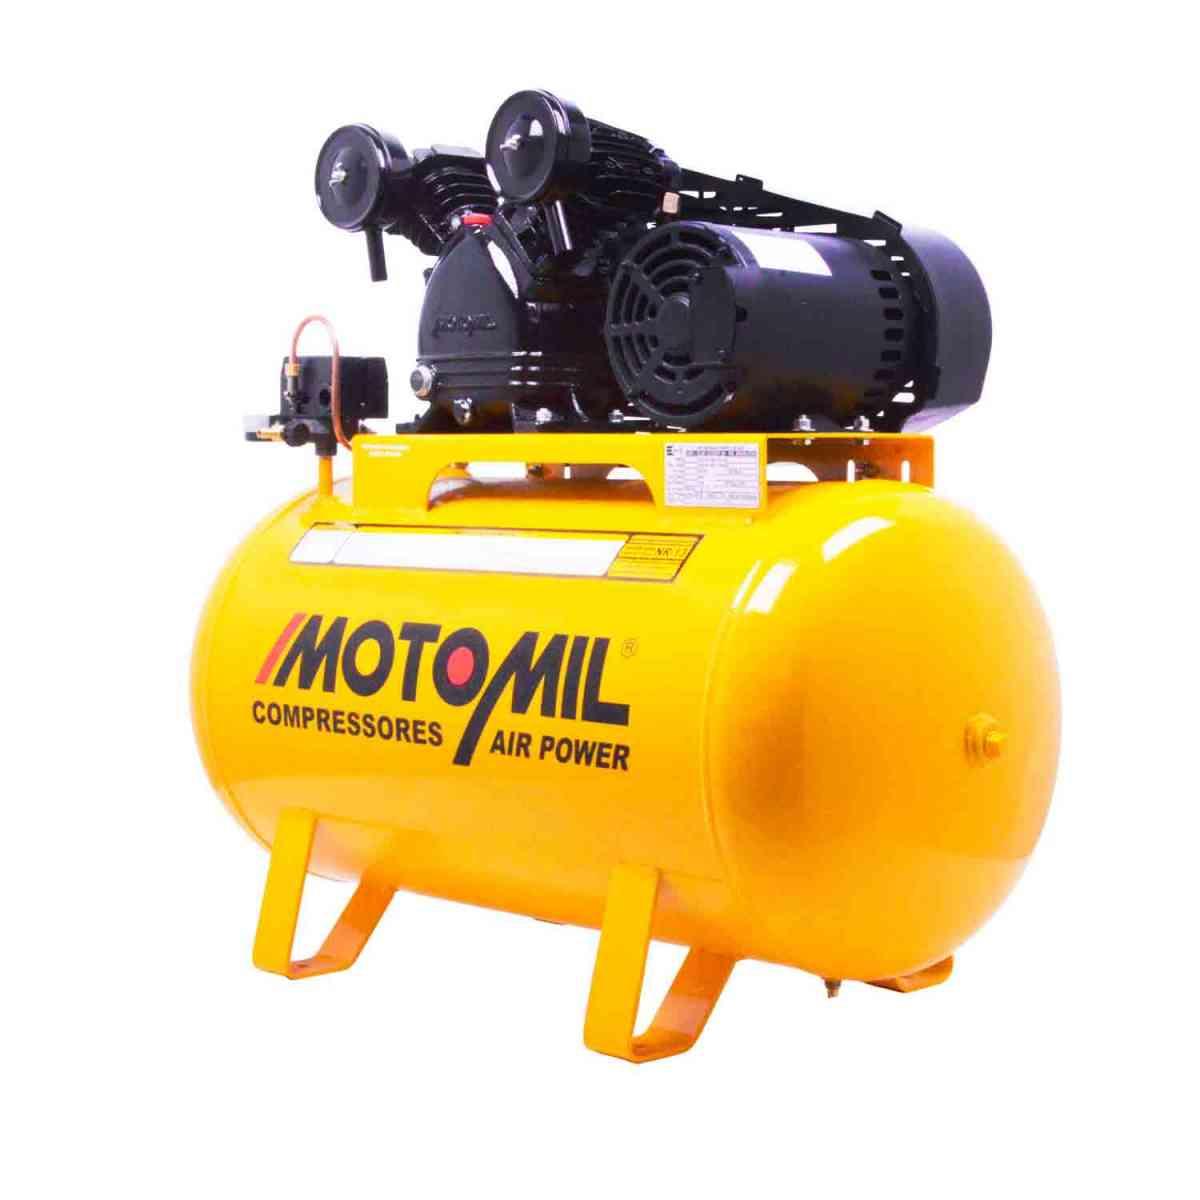 Compressor de Ar 10 Pés CMV 10PL/100 Motomil - 220/380V Trif